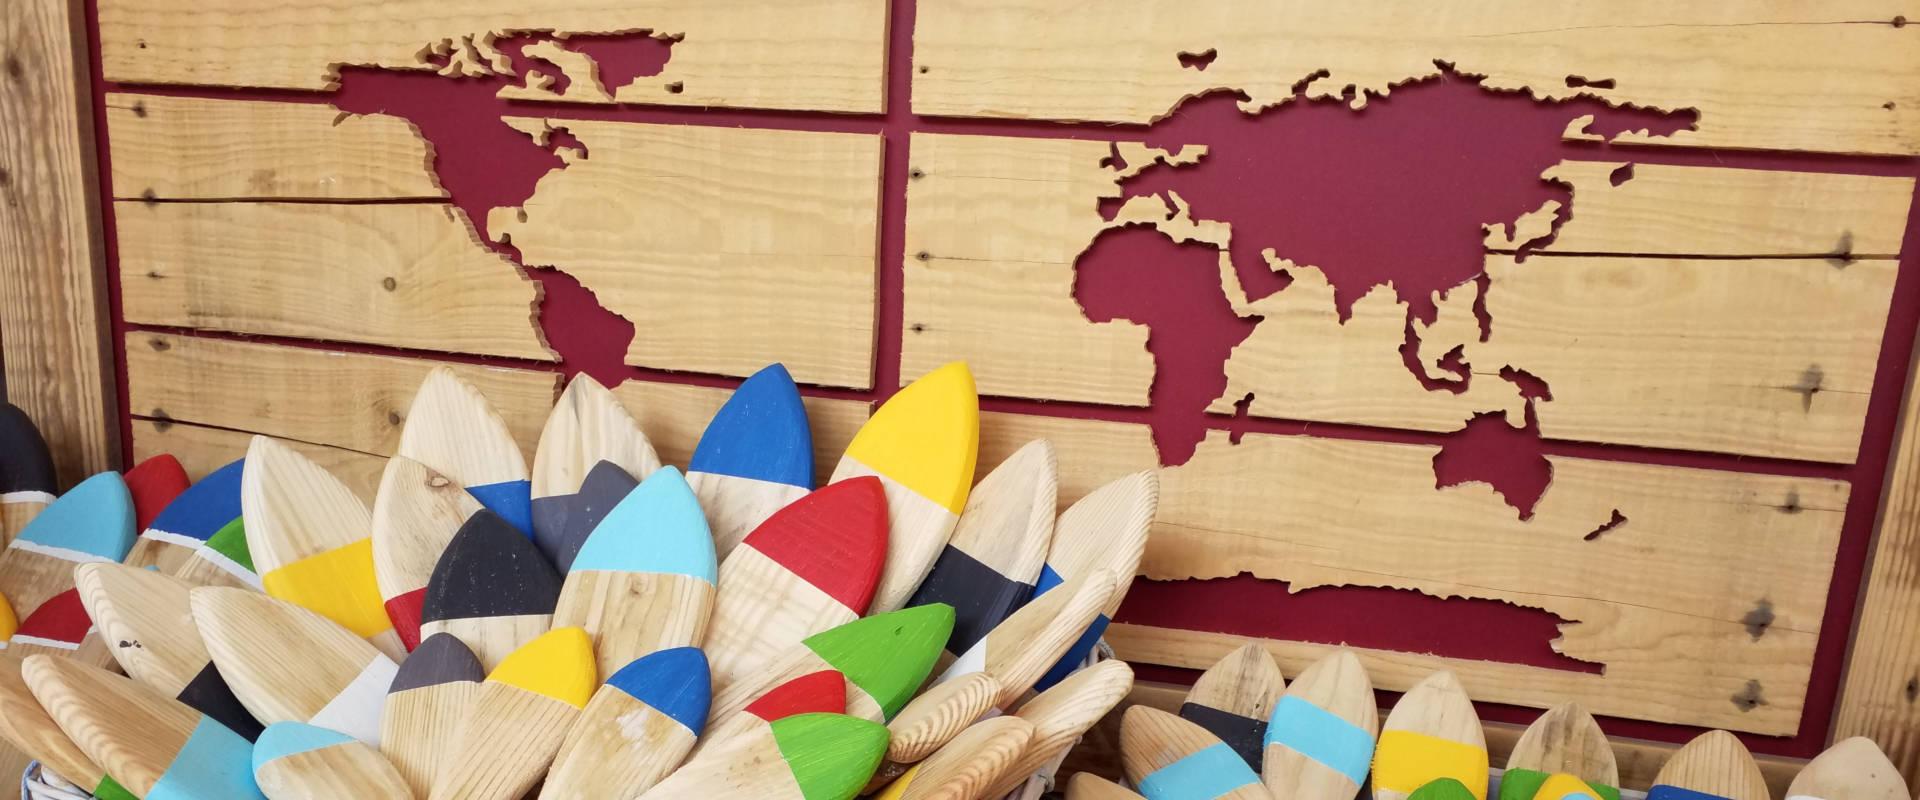 poissons en bois et carte du monde